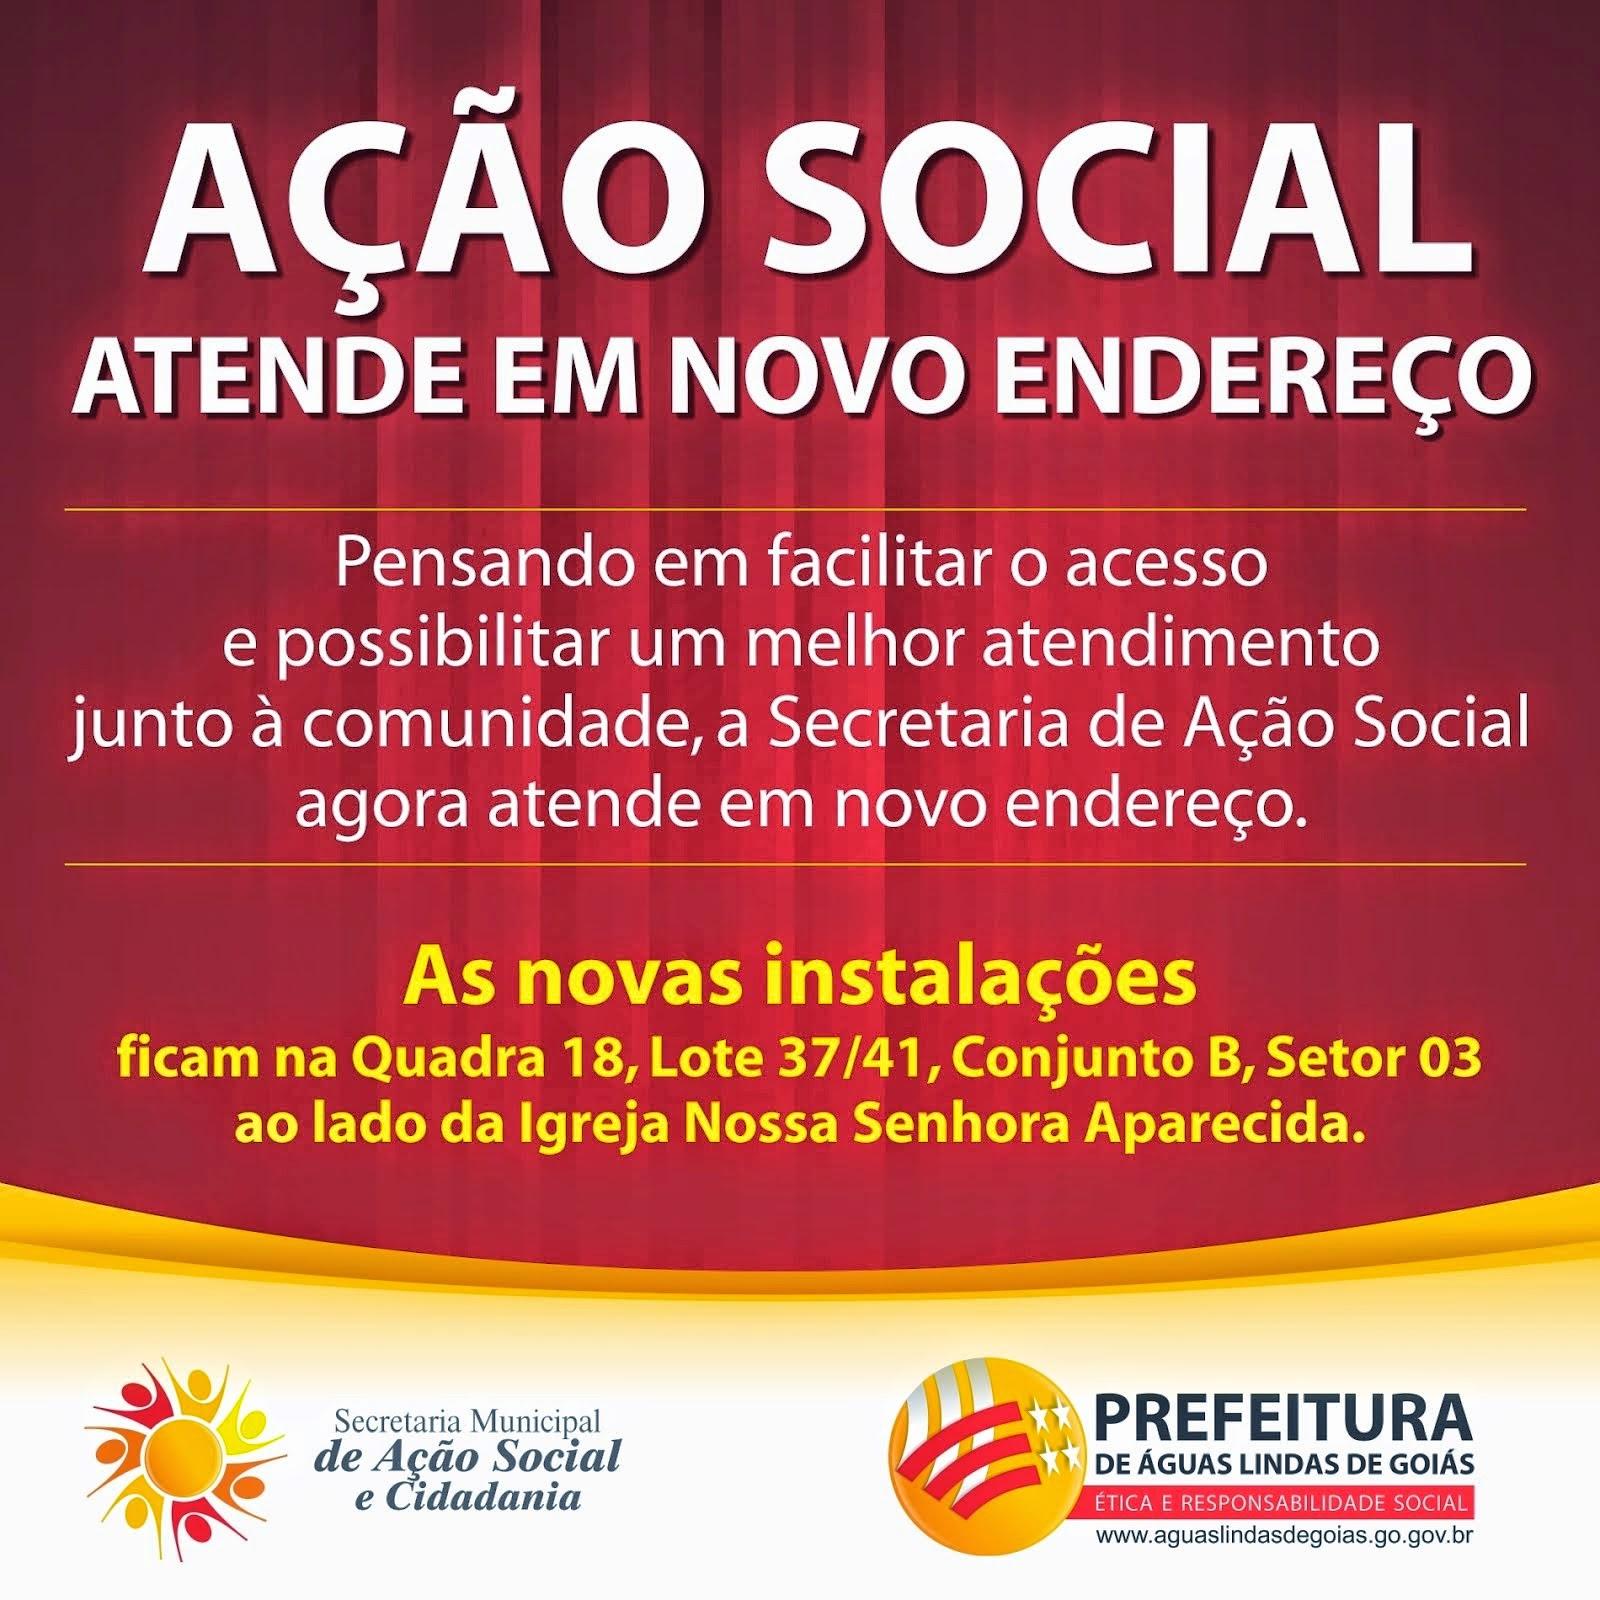 AÇÃO SOCIAL ATENDE EM NOVO ENDEREÇO